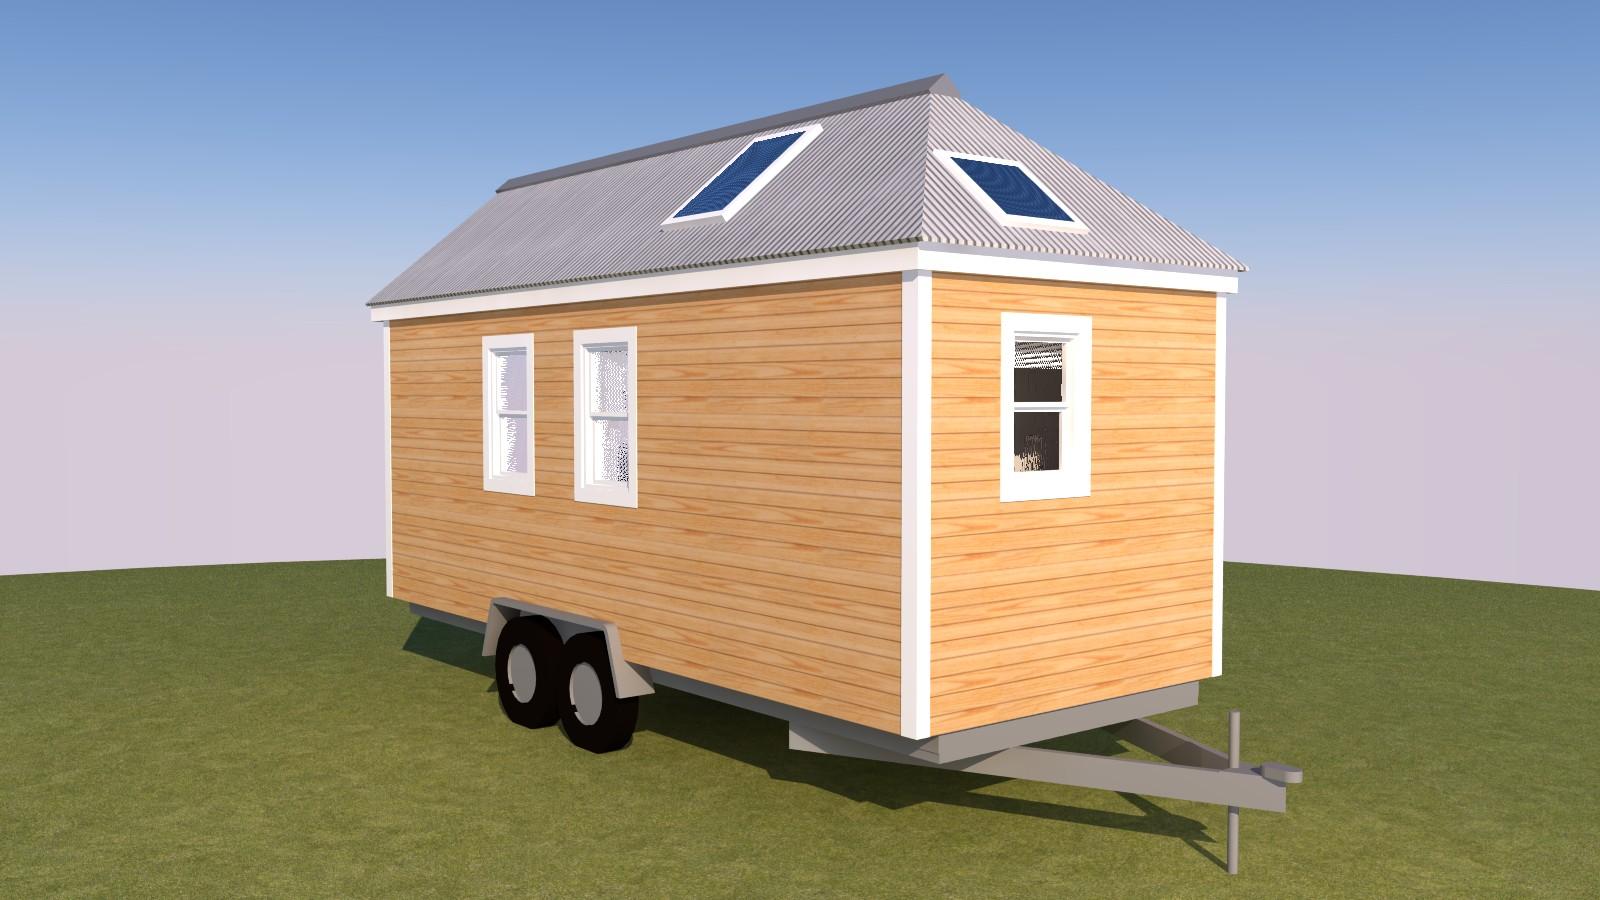 Caspar 20 Tiny House Exterior Back Right